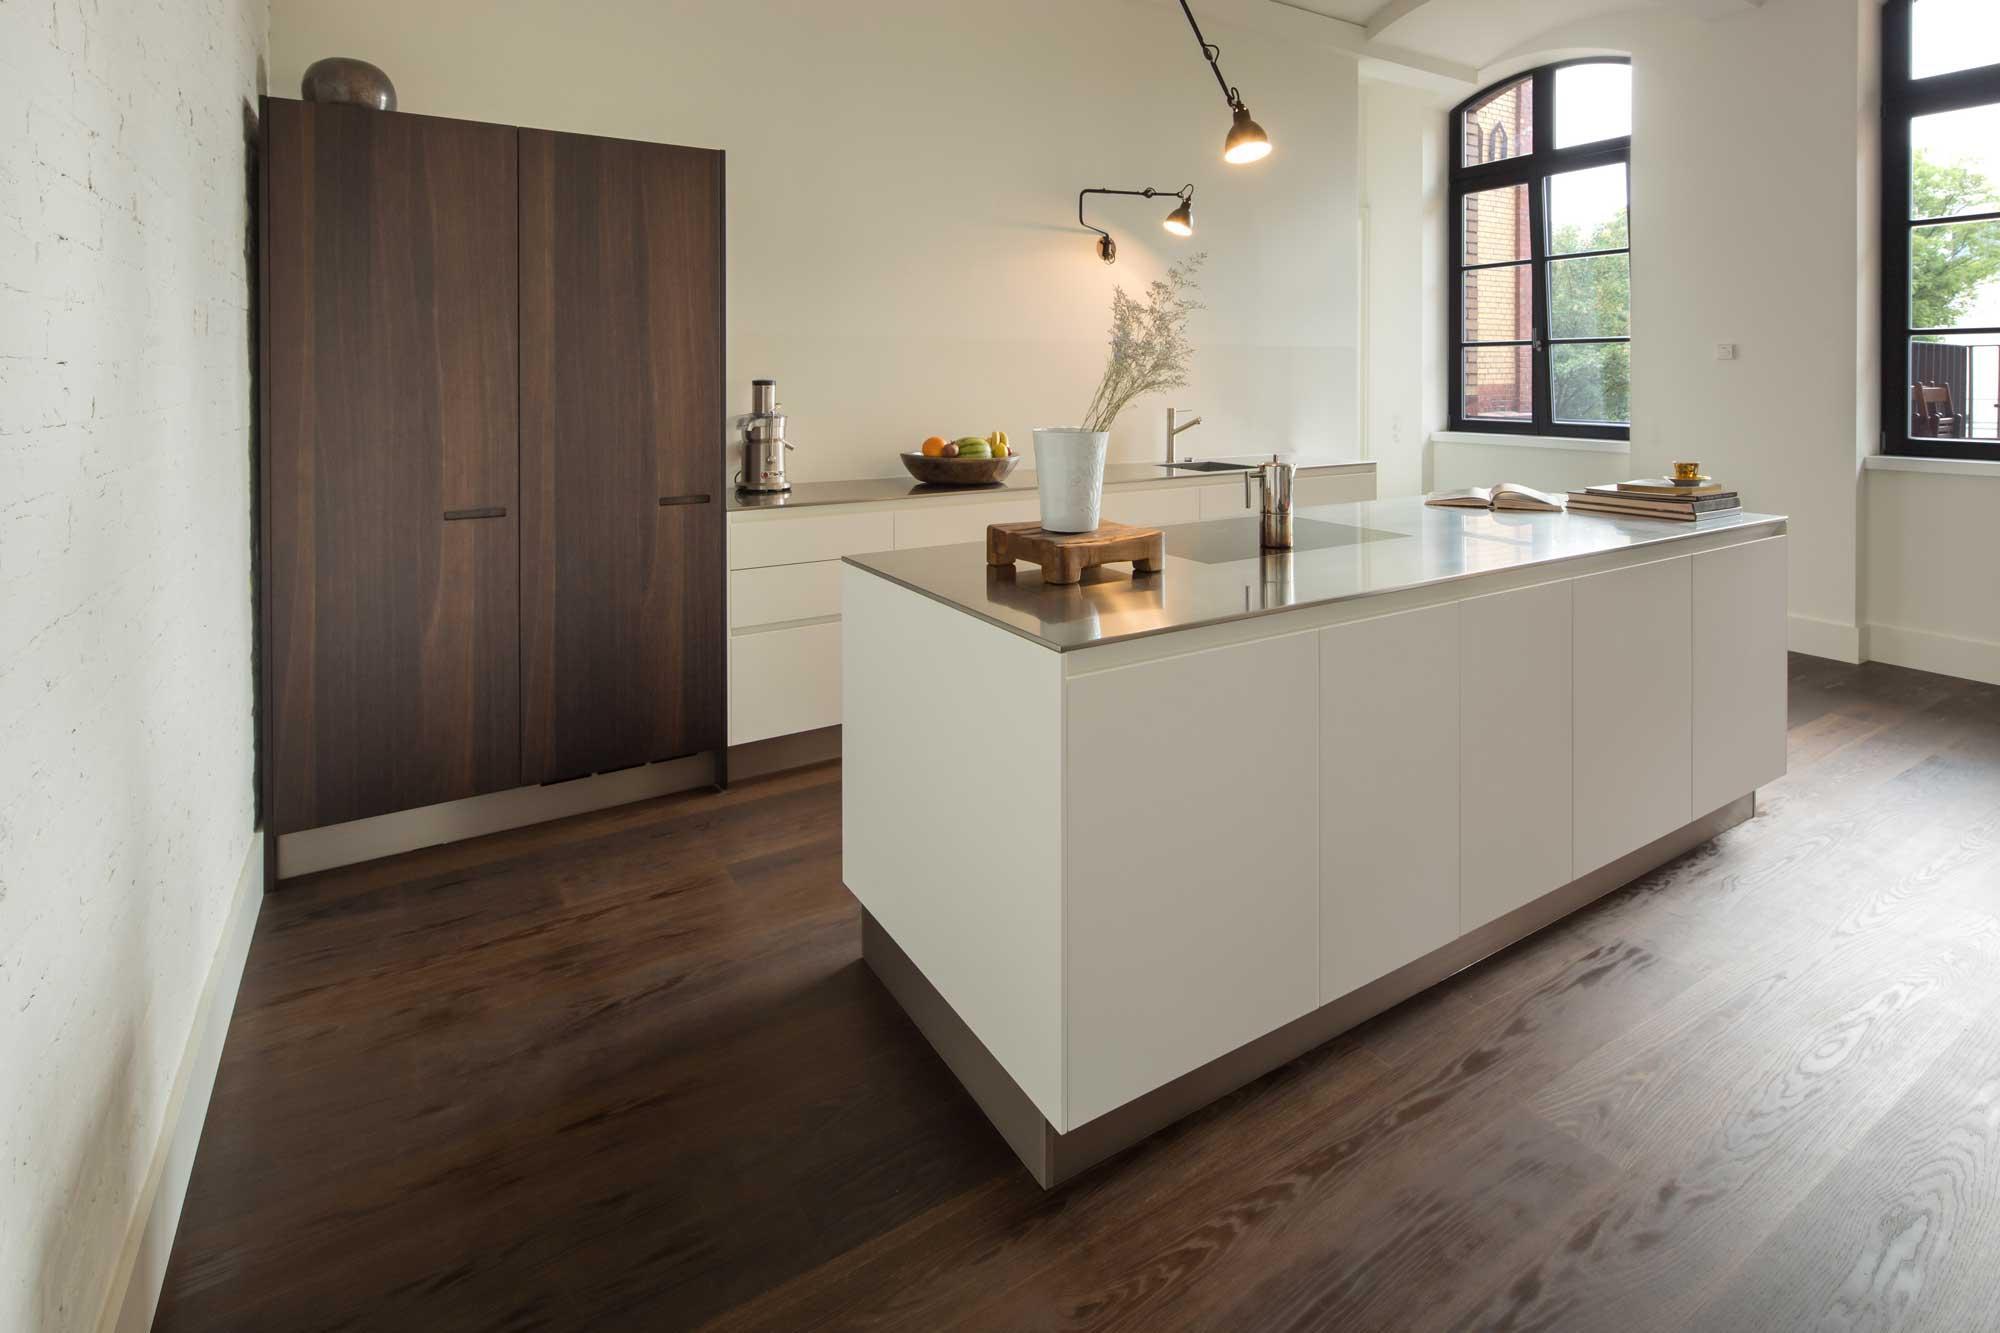 Küche Altbau sanierte altbauküche bilder ideen couchstyle